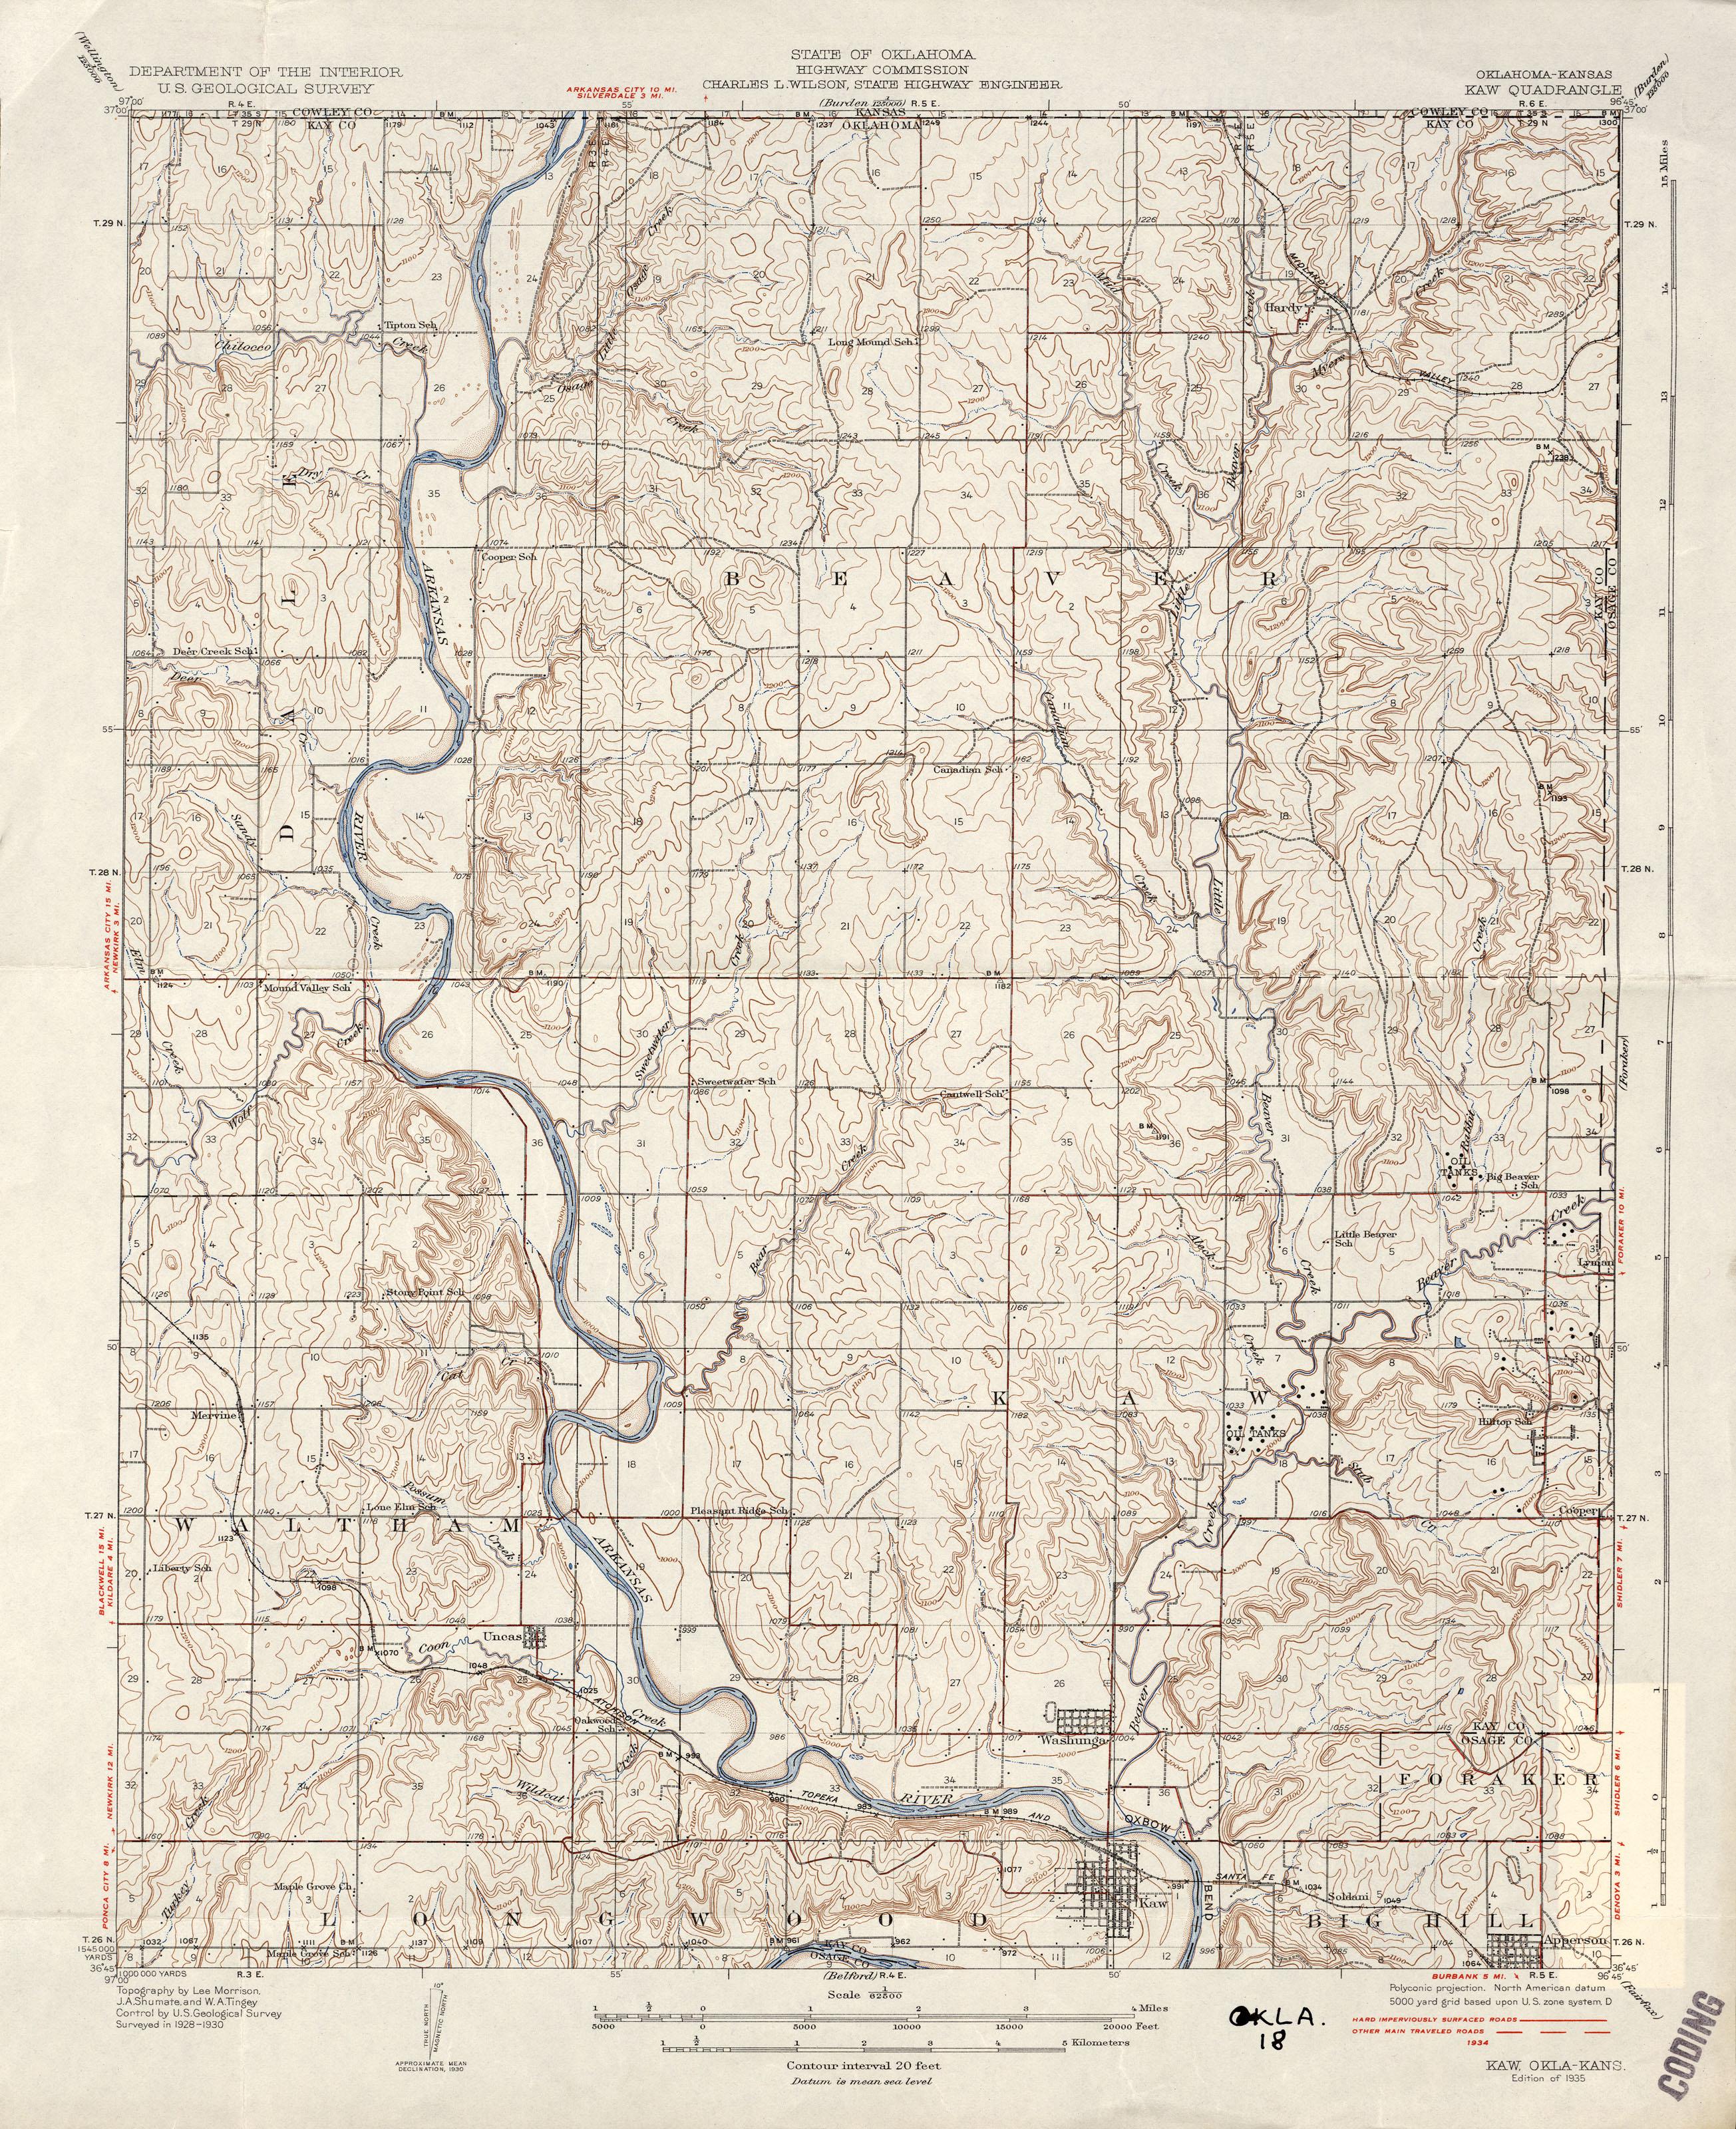 Kaw city ok map